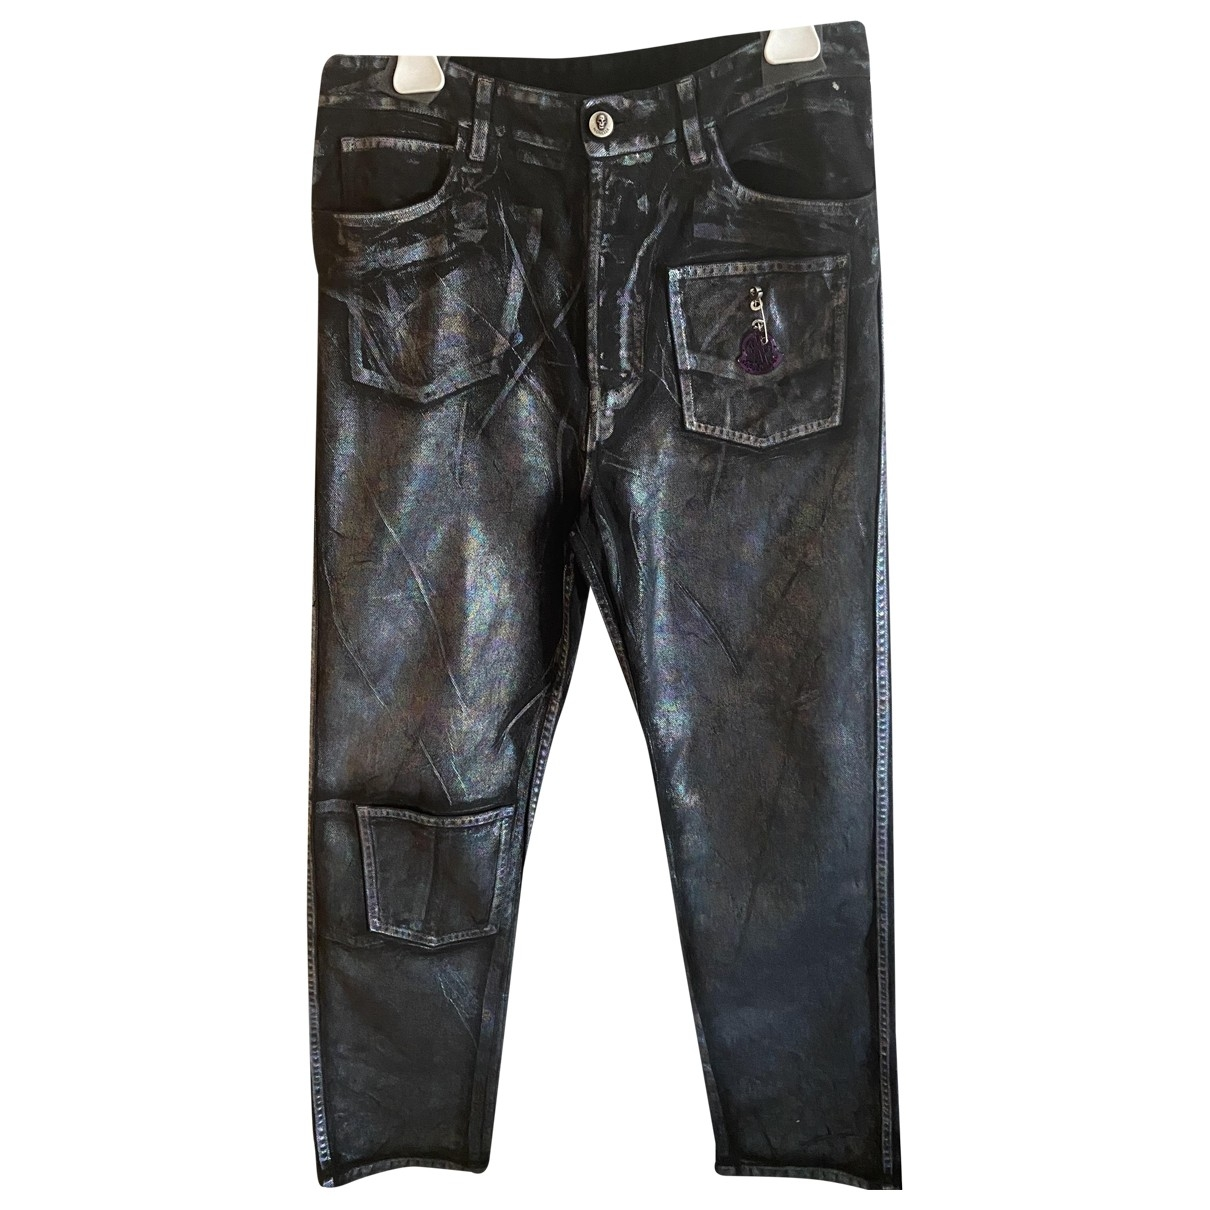 Moncler Genius - Pantalon Moncler n°8 Palm Angels pour homme en coton - argente